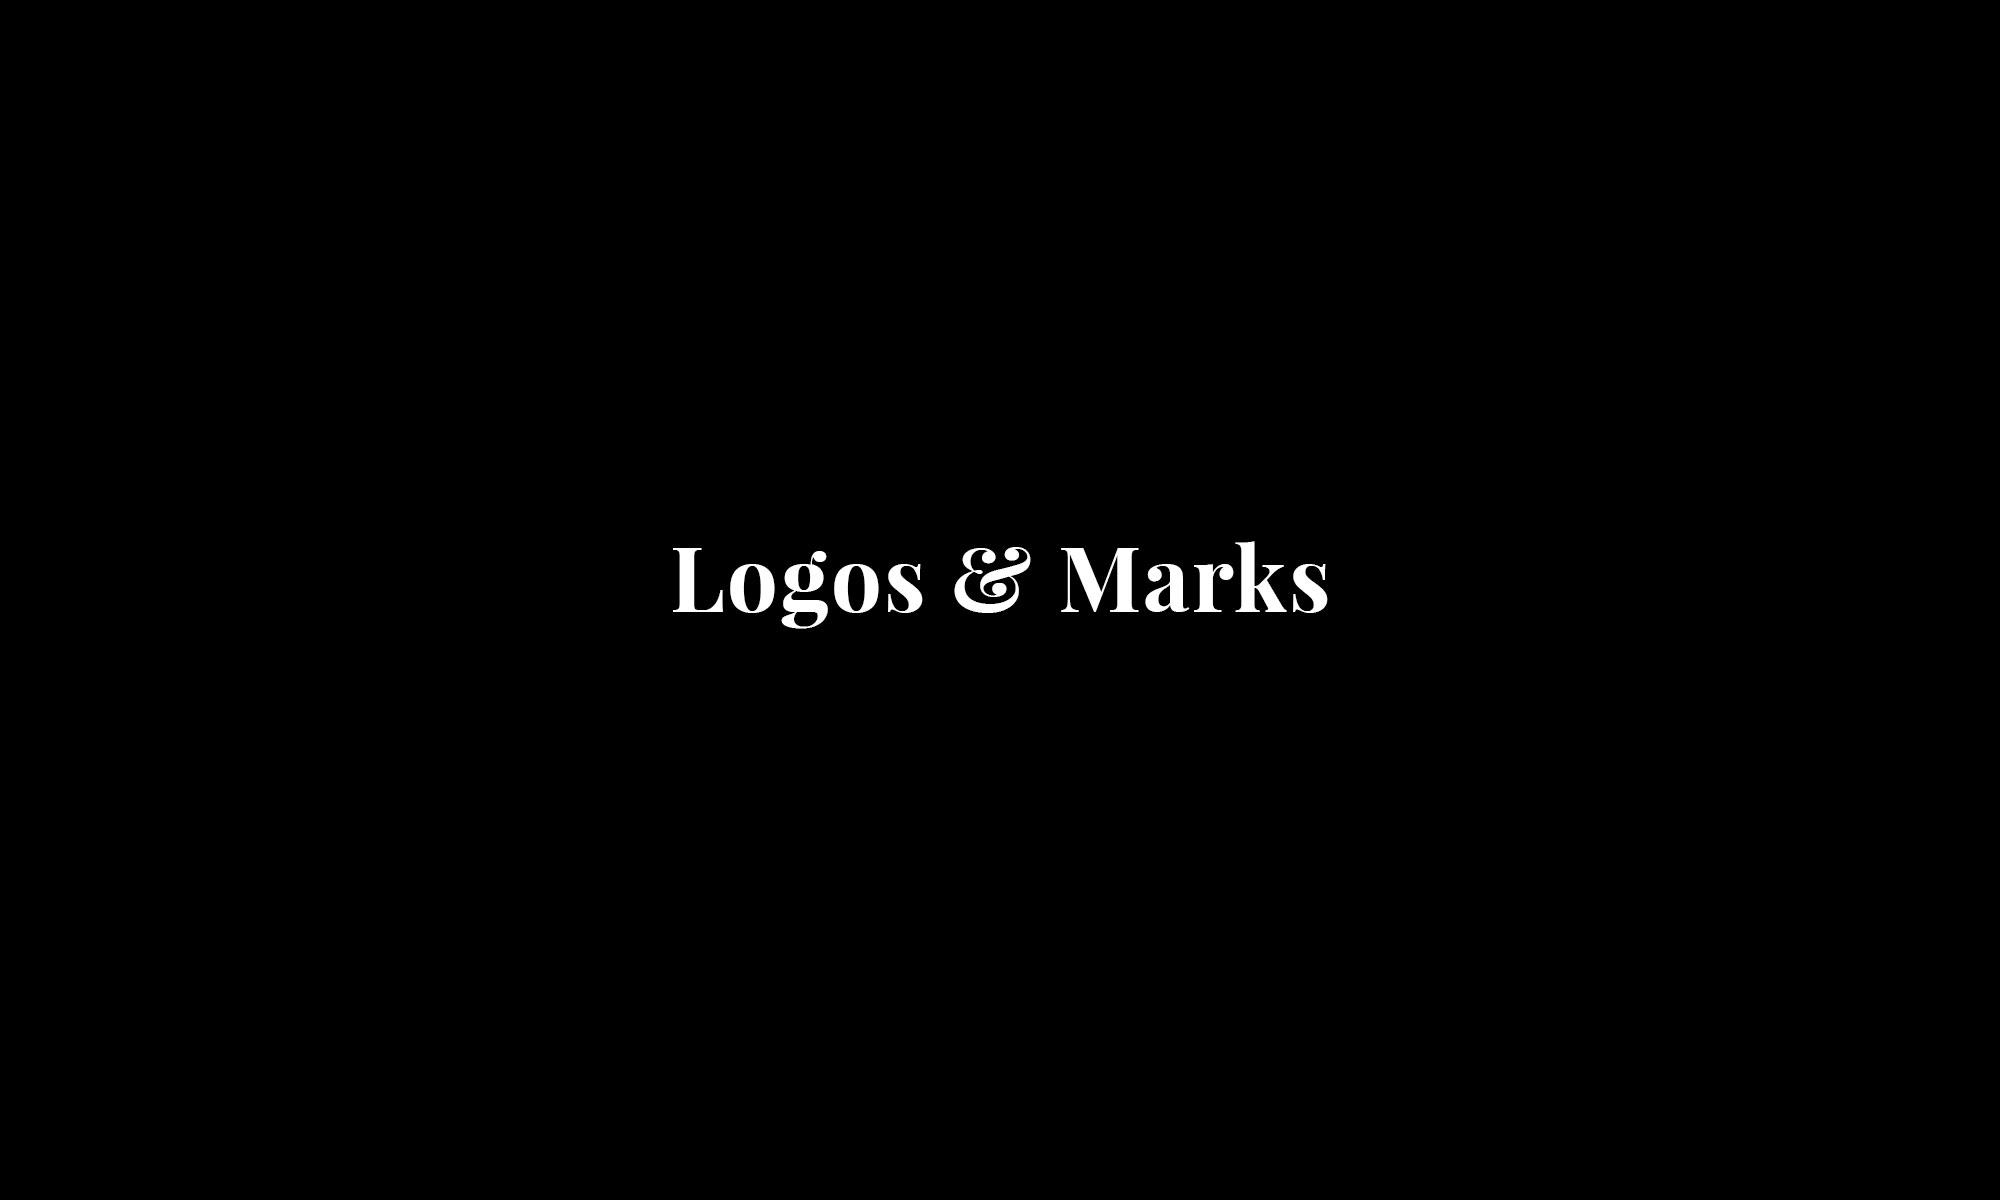 Logos&Marks_Main